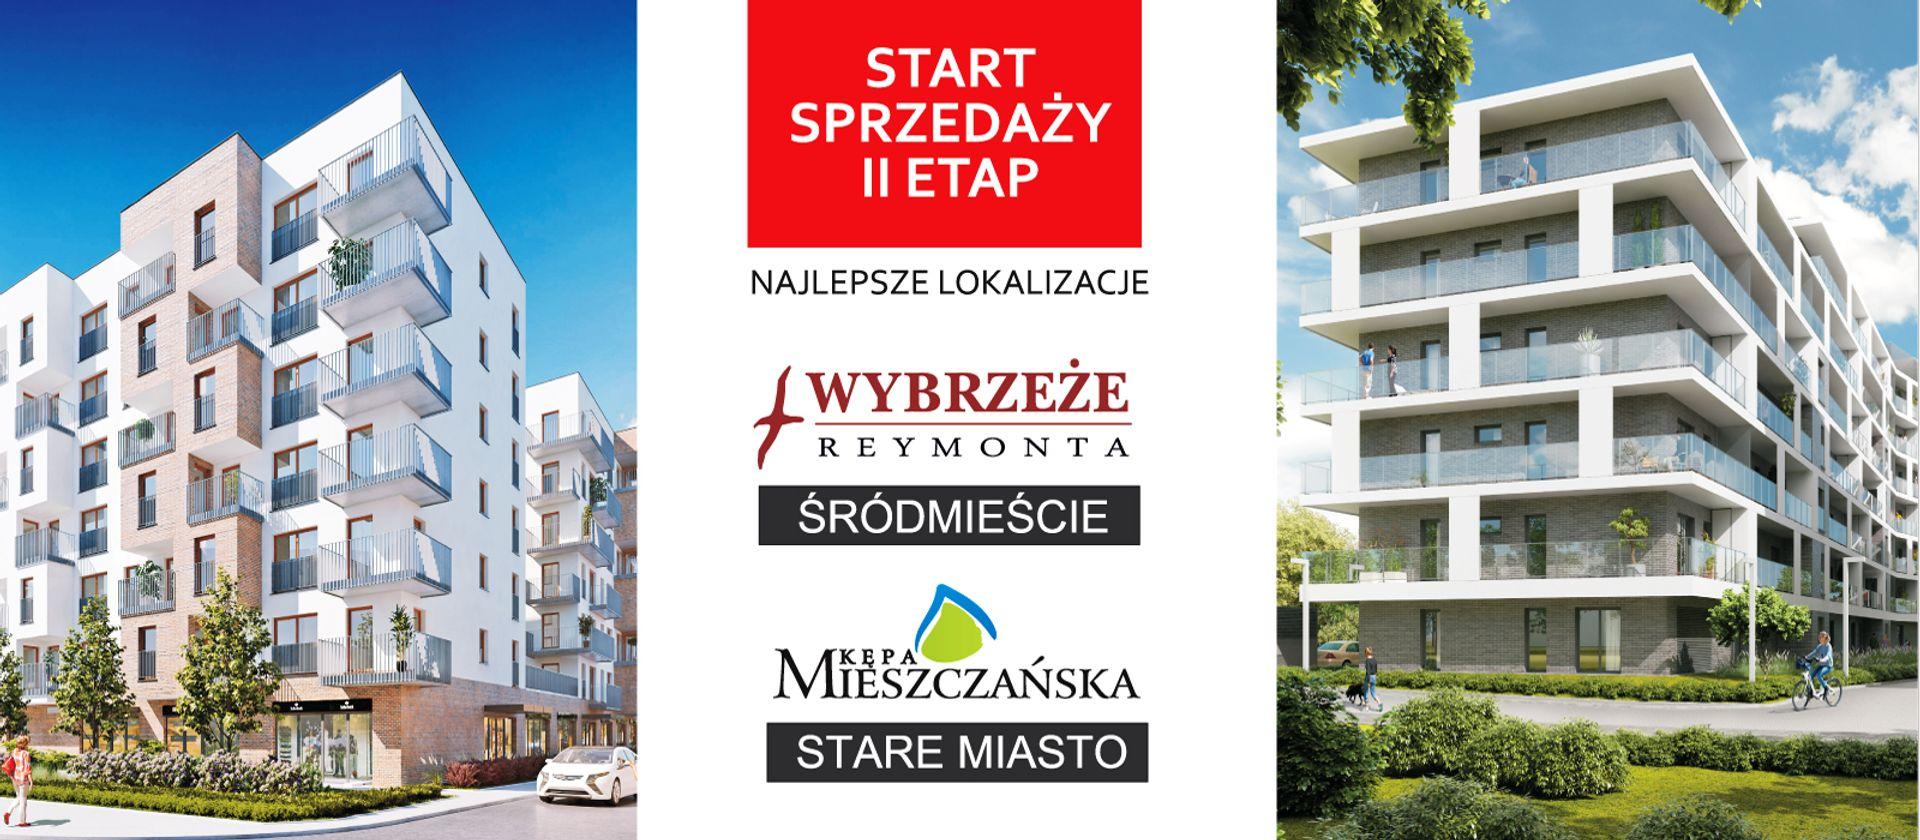 [Wrocław] Rusza sprzedaż mieszkań w kolejnym etapie Wybrzeże Reymonta